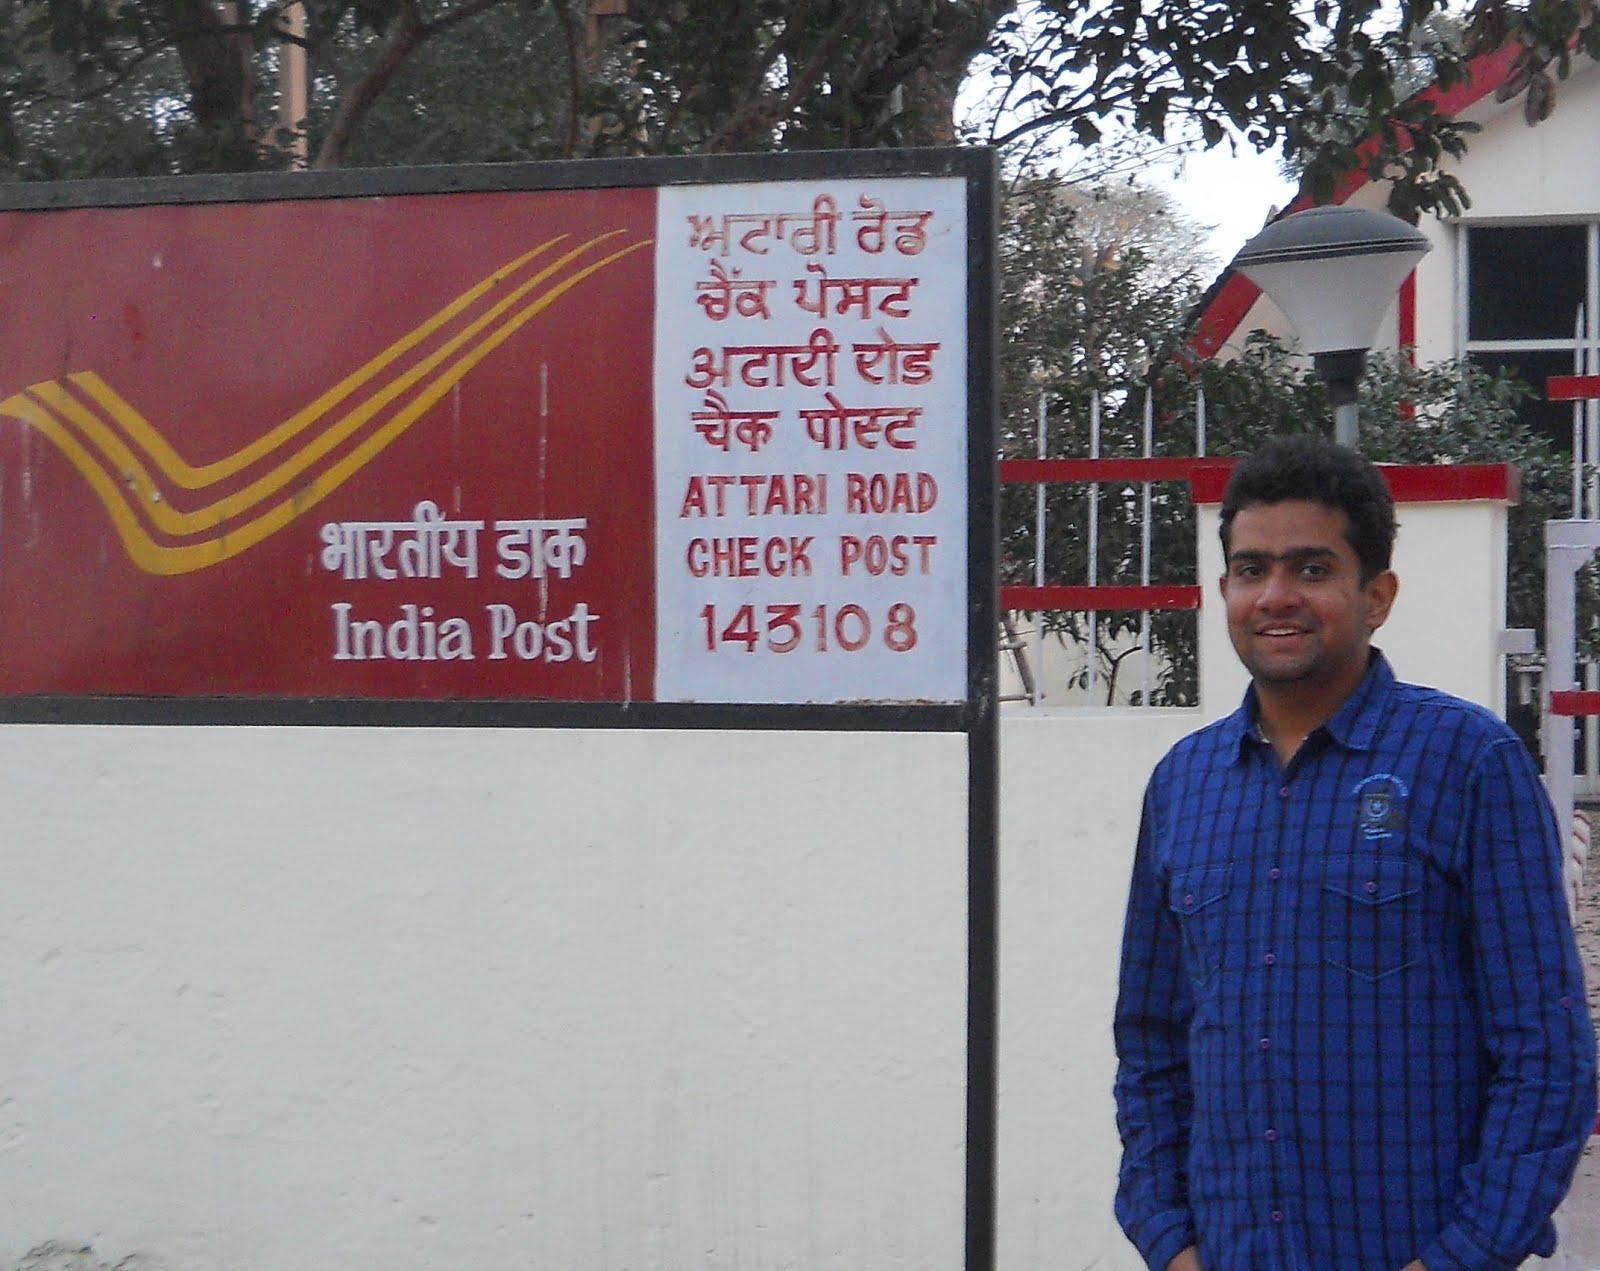 भारतातील शेवटचे पोस्ट ऑफिस